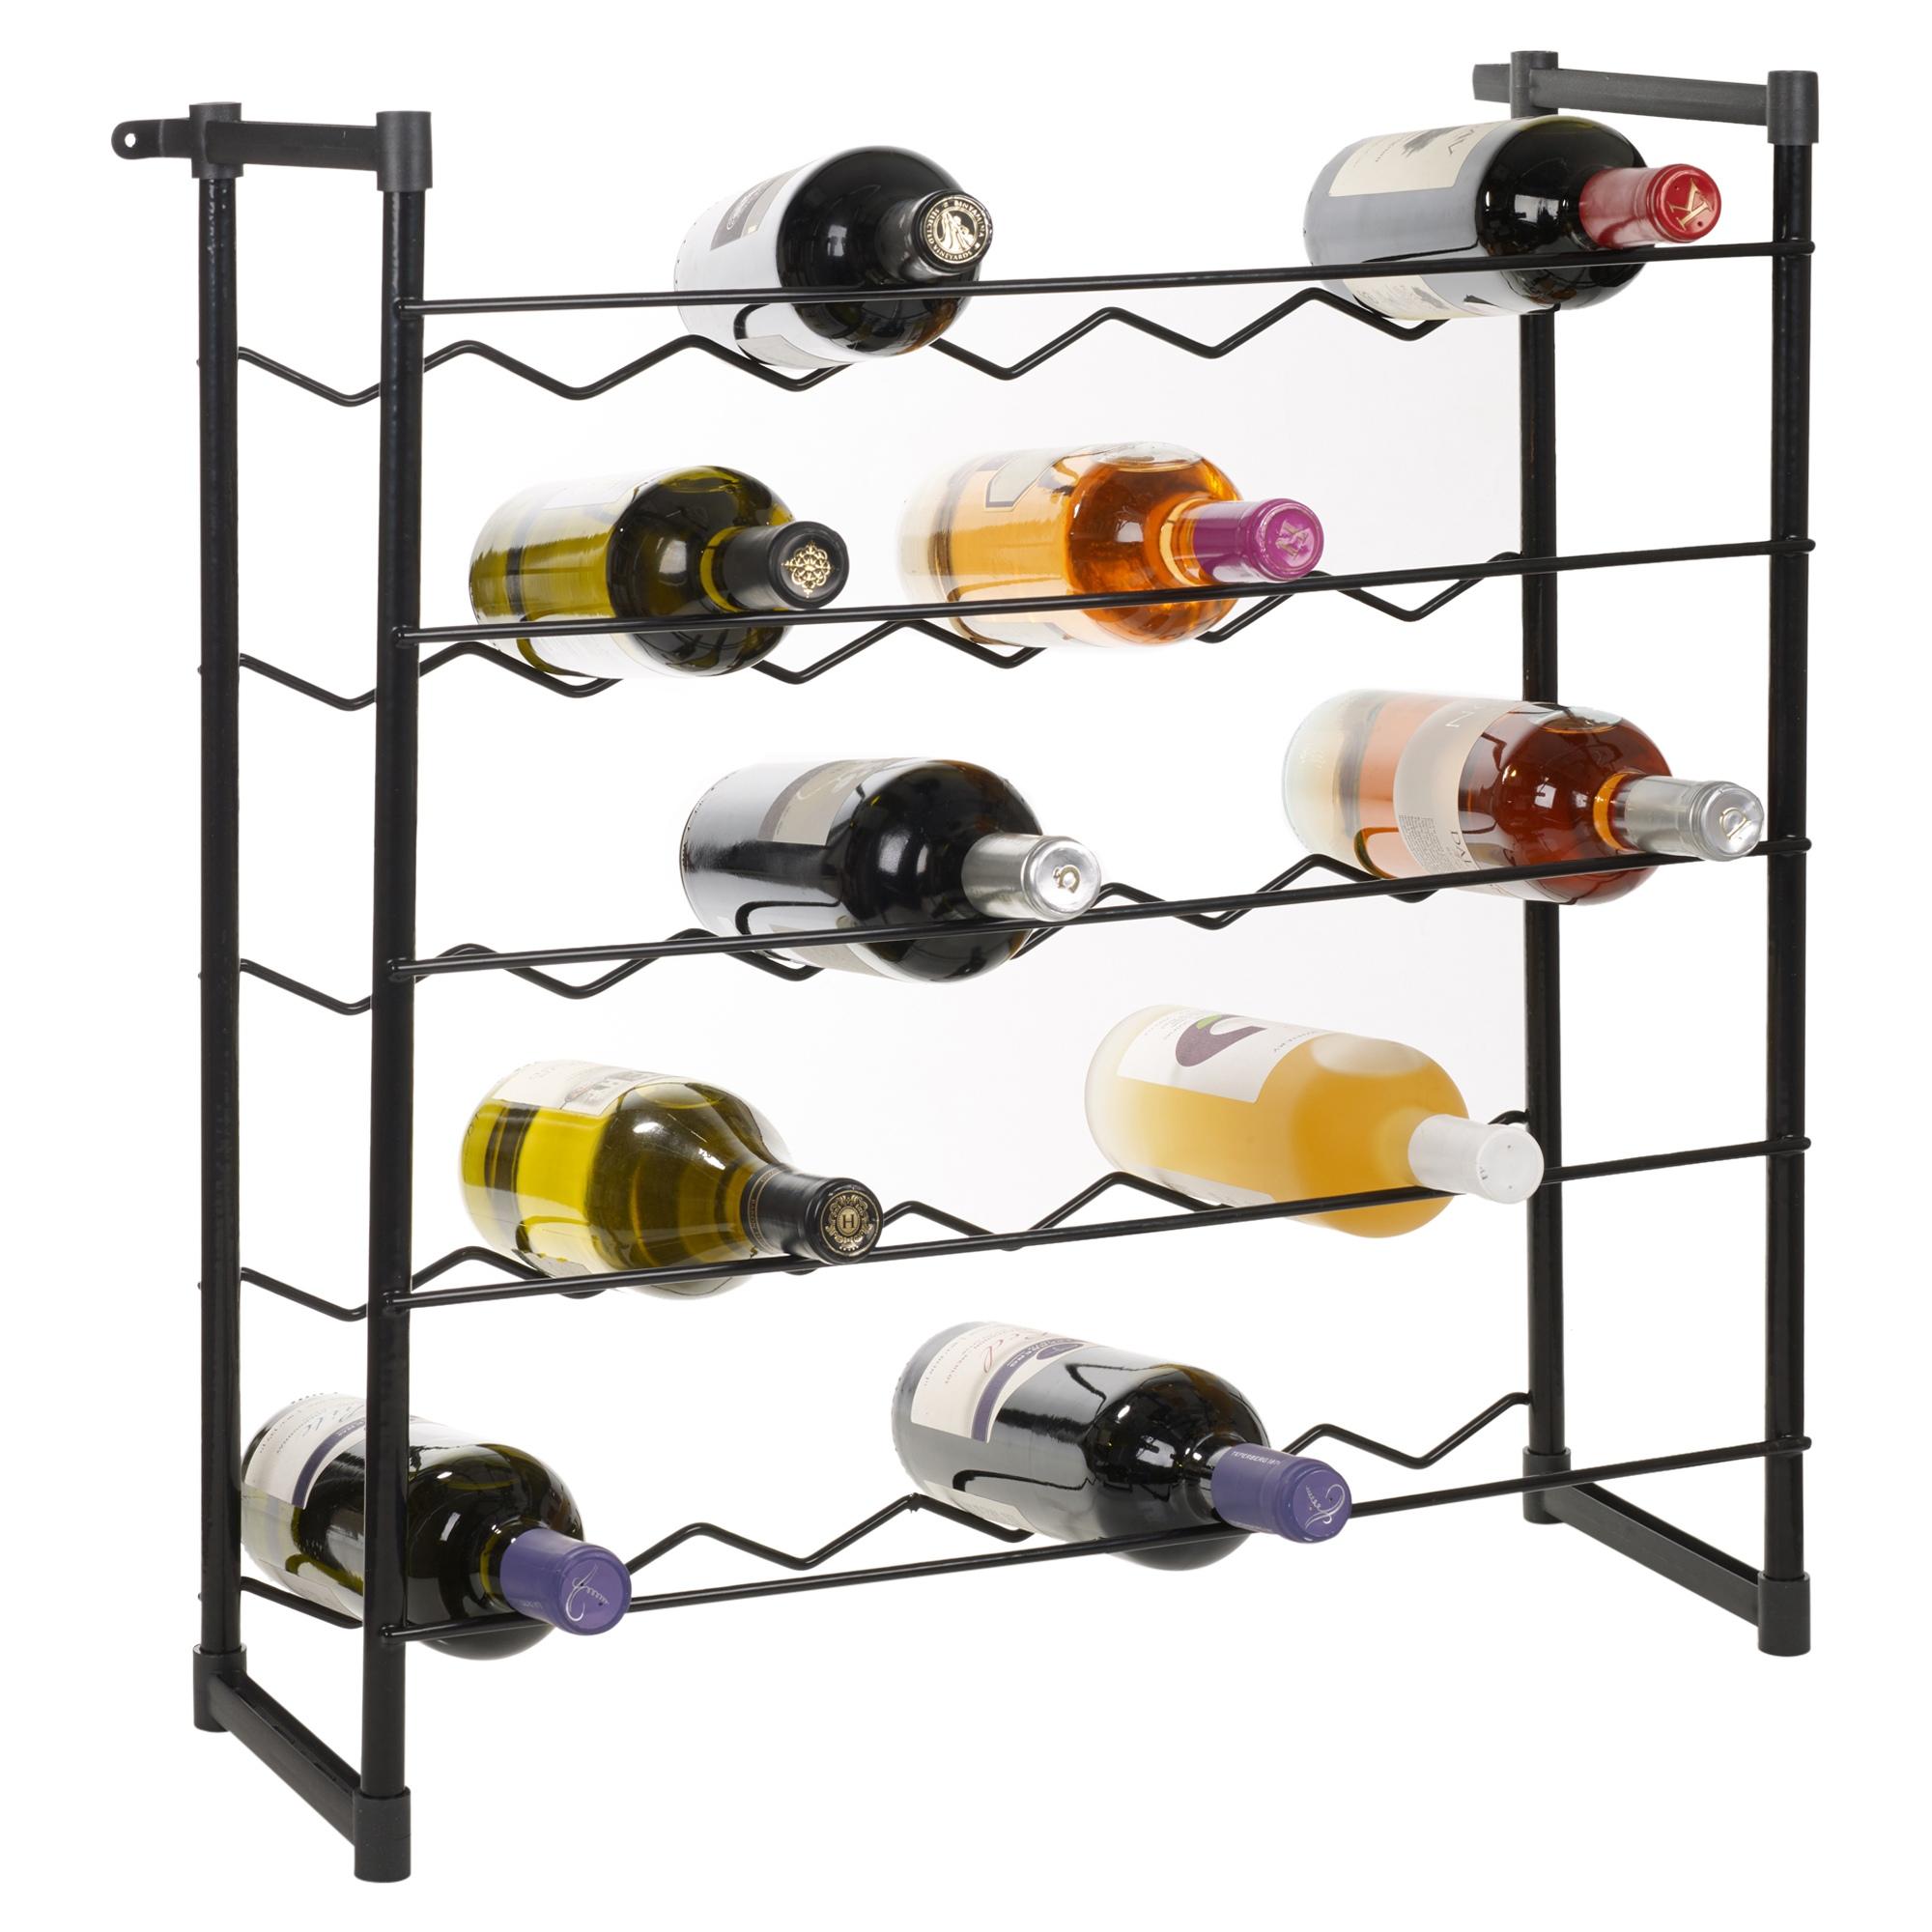 stapelbar weinregal 30 60 flaschen champagner bar zubeh r metall freistehend ebay. Black Bedroom Furniture Sets. Home Design Ideas